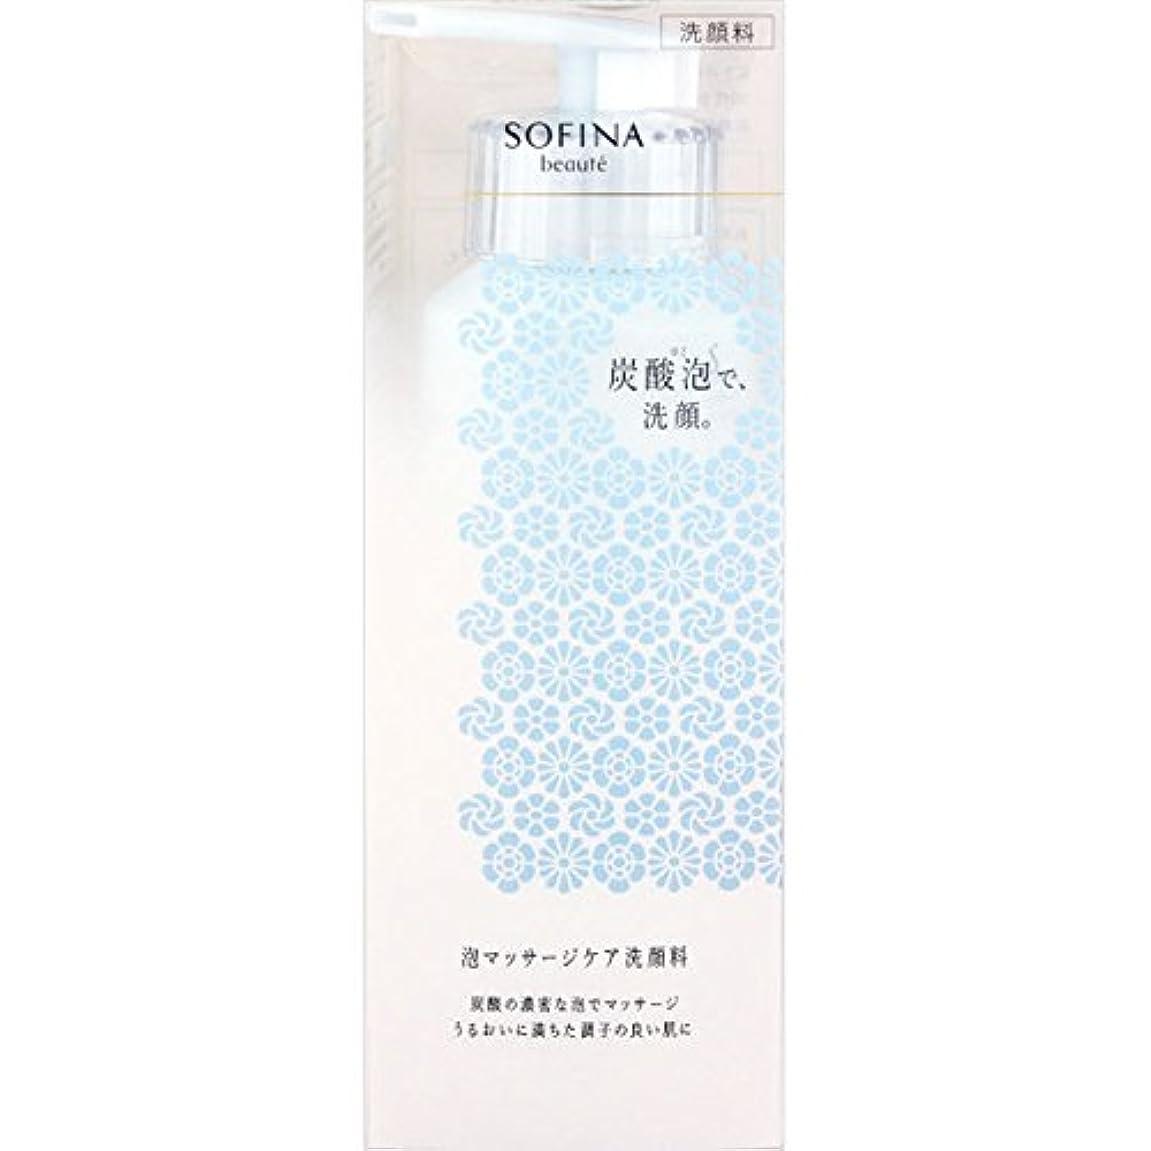 衝突するむしろ注釈を付ける花王 ソフィーナ ボーテ 泡マッサージケア洗顔料 170g